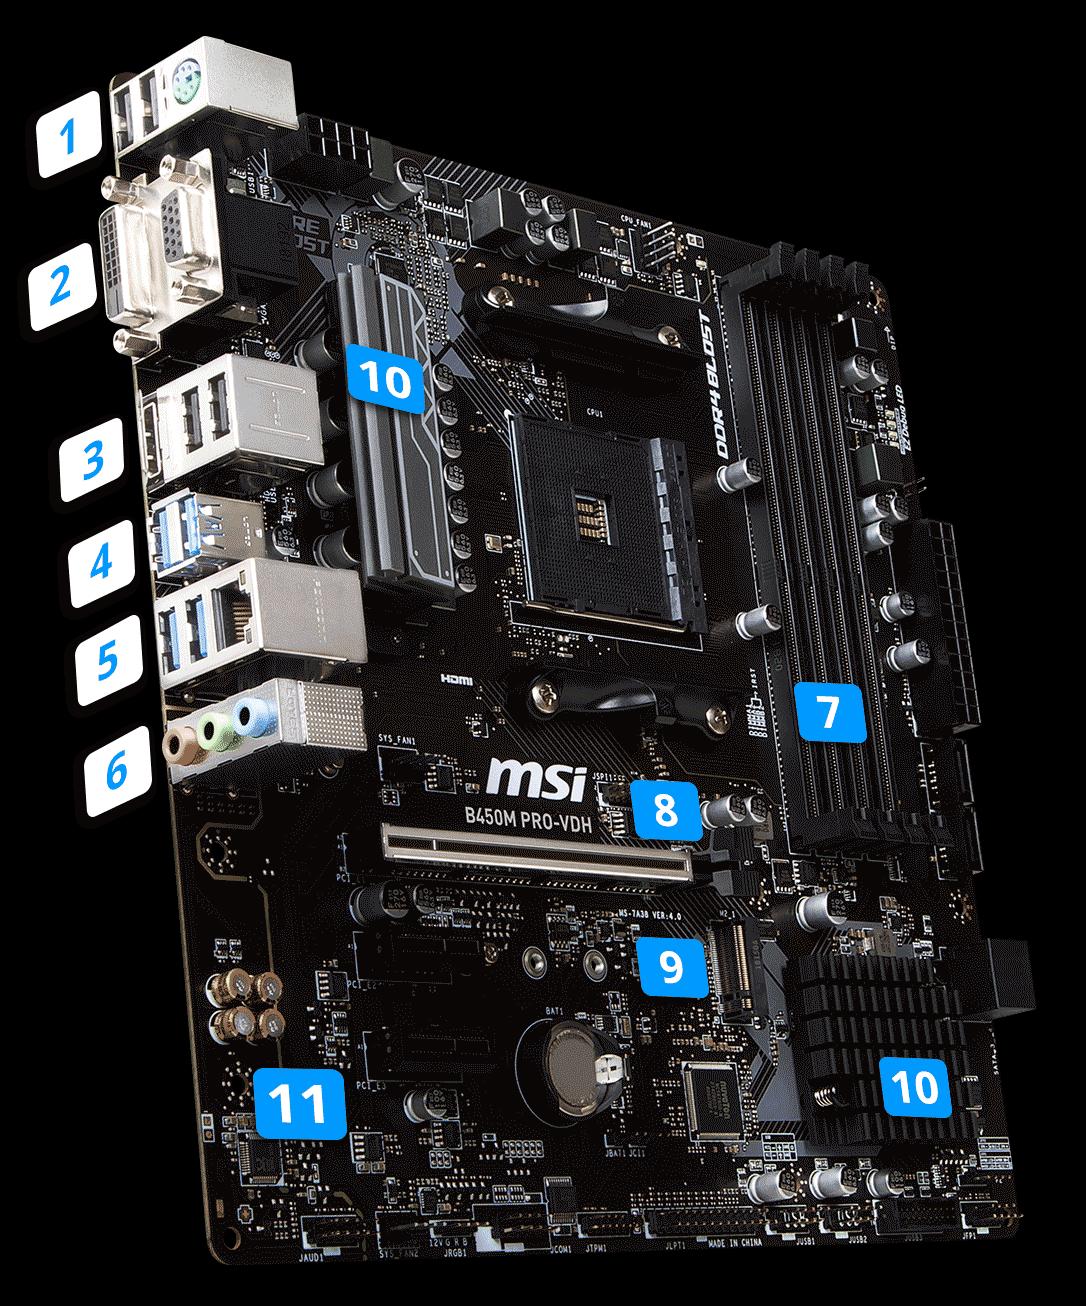 6x USB 3.1 Gen1 Micro-ATX Mainboard Sockel AM4 1x Turbo M.2 DVI-D VGA HDMI DDR4 MSI B450M PRO-VDH